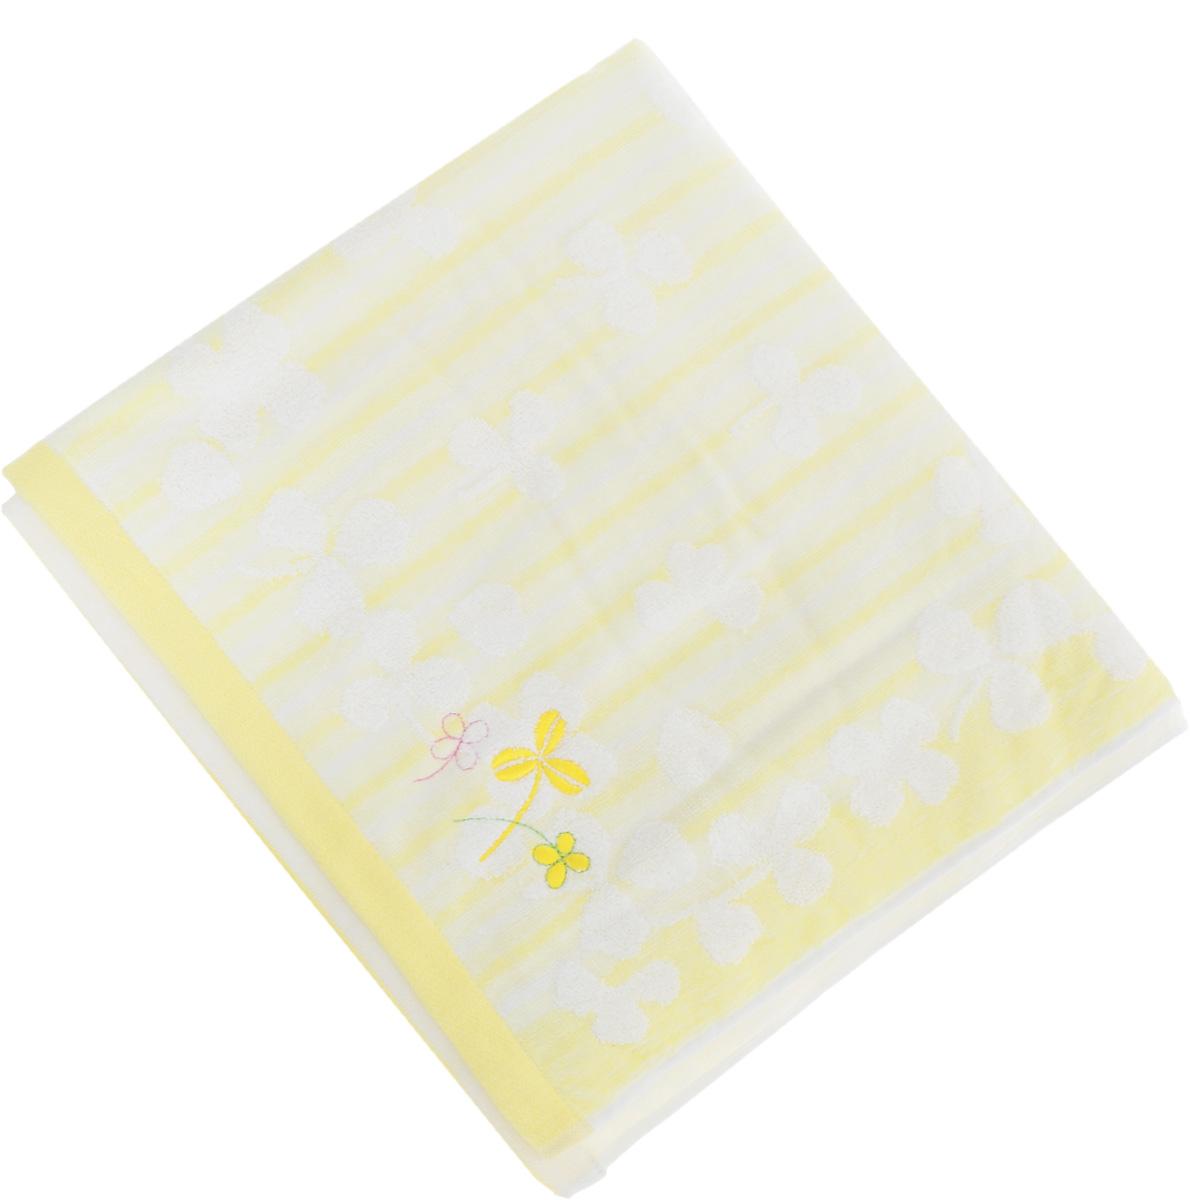 Полотенце Soavita Desy, цвет: желтый, 70 х 140 см64156Полотенце Soavita Desy выполнено из 100% хлопка. Изделиеотлично впитывает влагу, быстро сохнет, сохраняет яркость цвета и не теряетформу даже послемногократных стирок.Полотенце очень практично и неприхотливо в уходе. Оно создаст прекрасноенастроение иукрасит интерьер в ванной комнате.